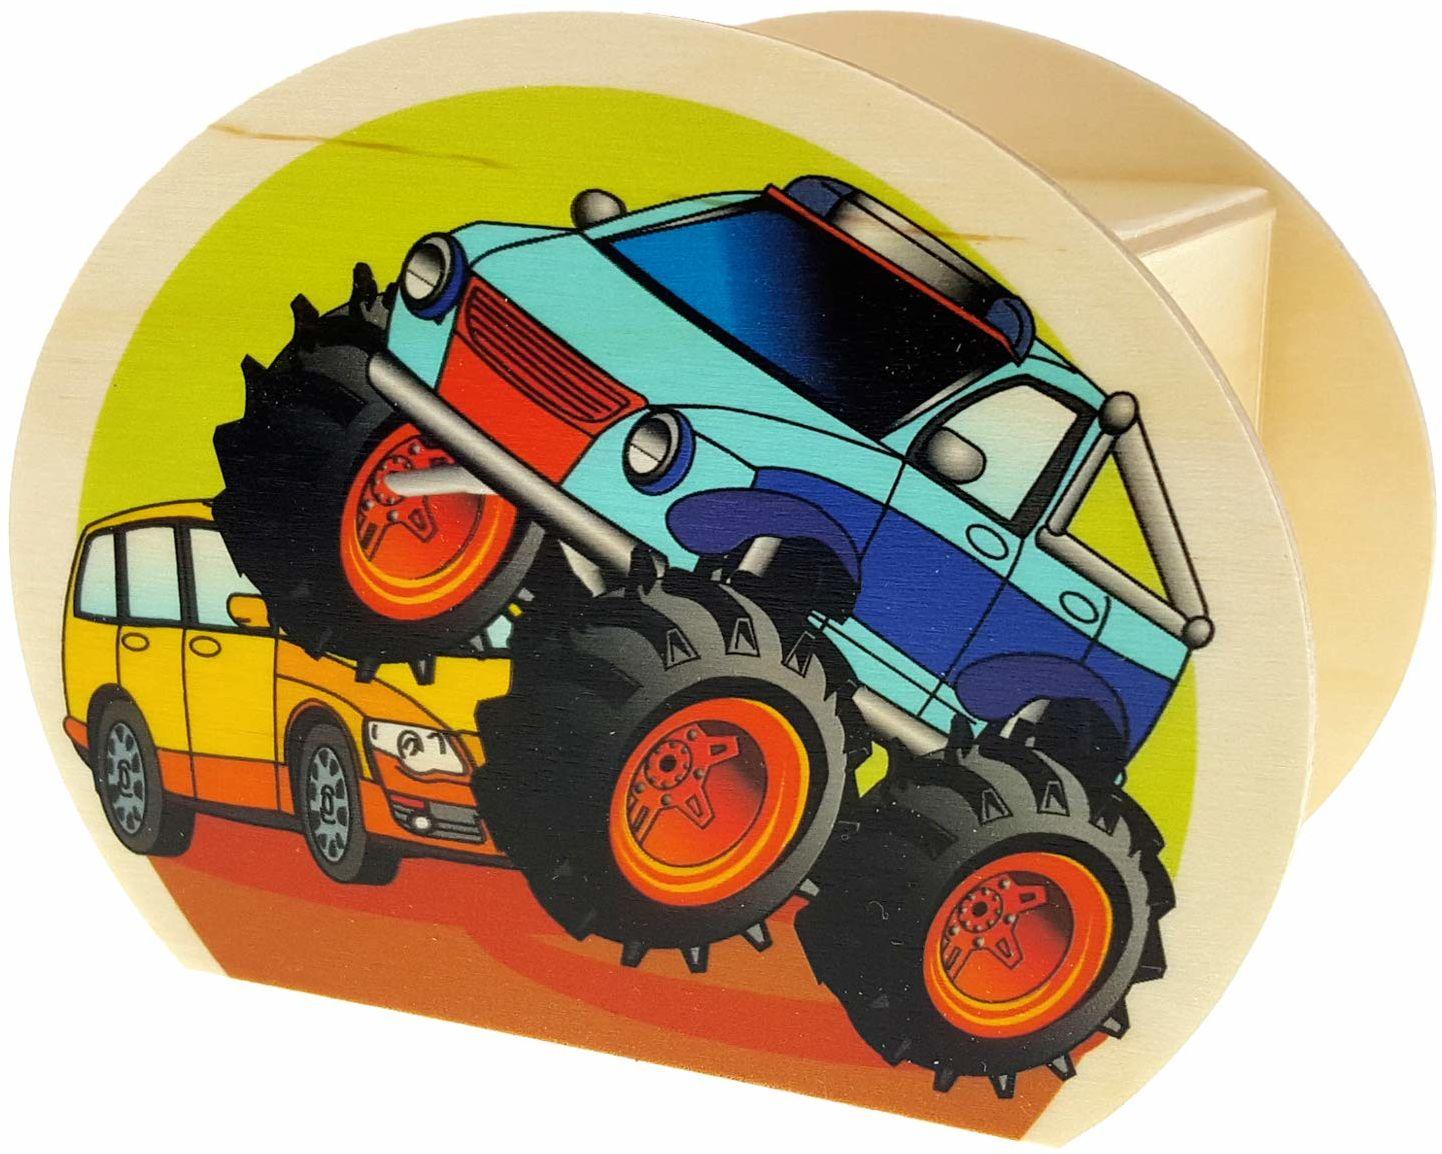 Hess drewniana zabawka 15220  skarbonka z drewna, z kluczem, potworki, prezent dla dzieci na urodziny, ok. 11,5 x 8,5 x 6,5 cm